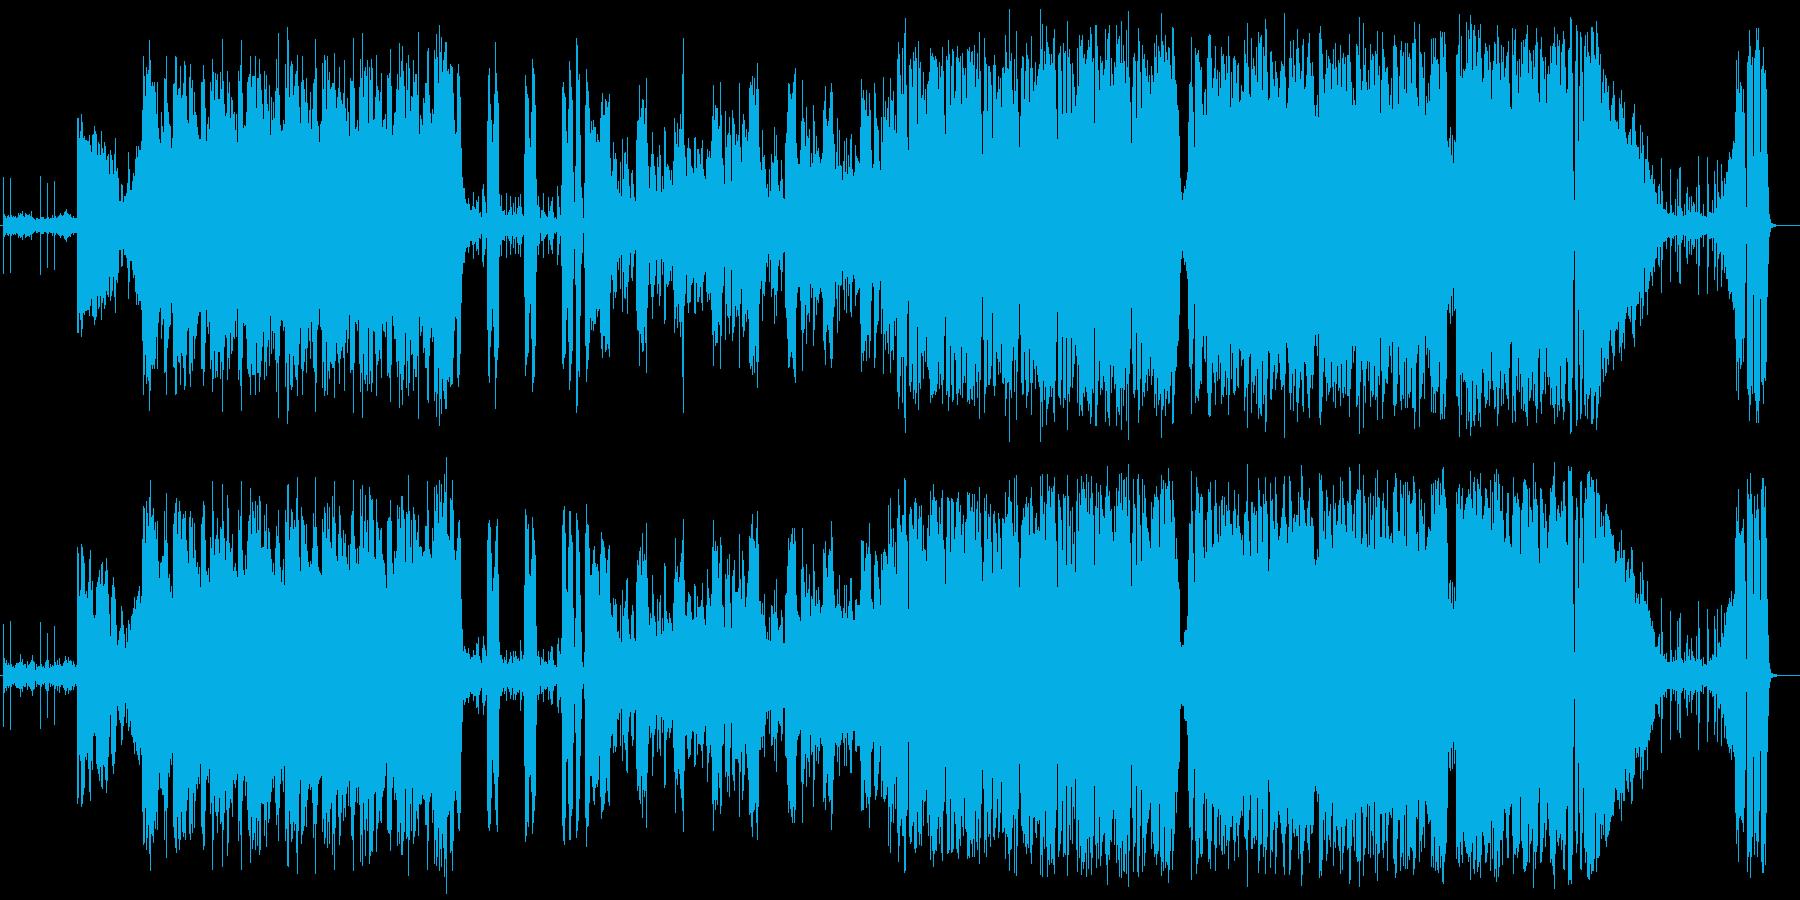 ハイテンポ、ヘヴィで激しいオルタナの再生済みの波形